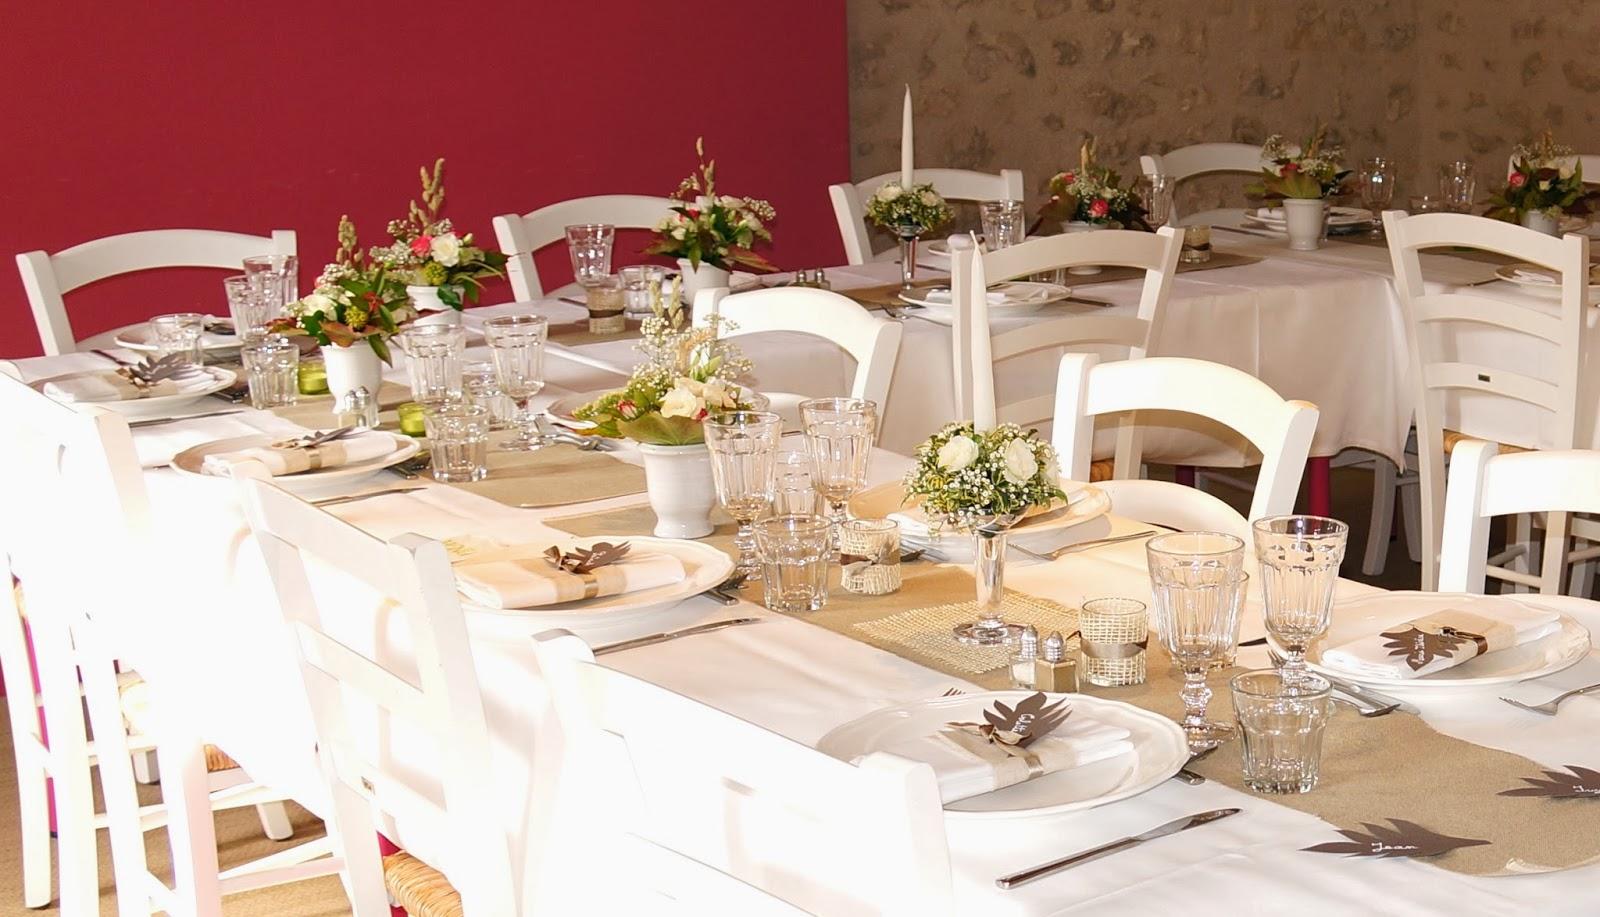 Ma boutique d co table d coration de table d coration Deco de table orange